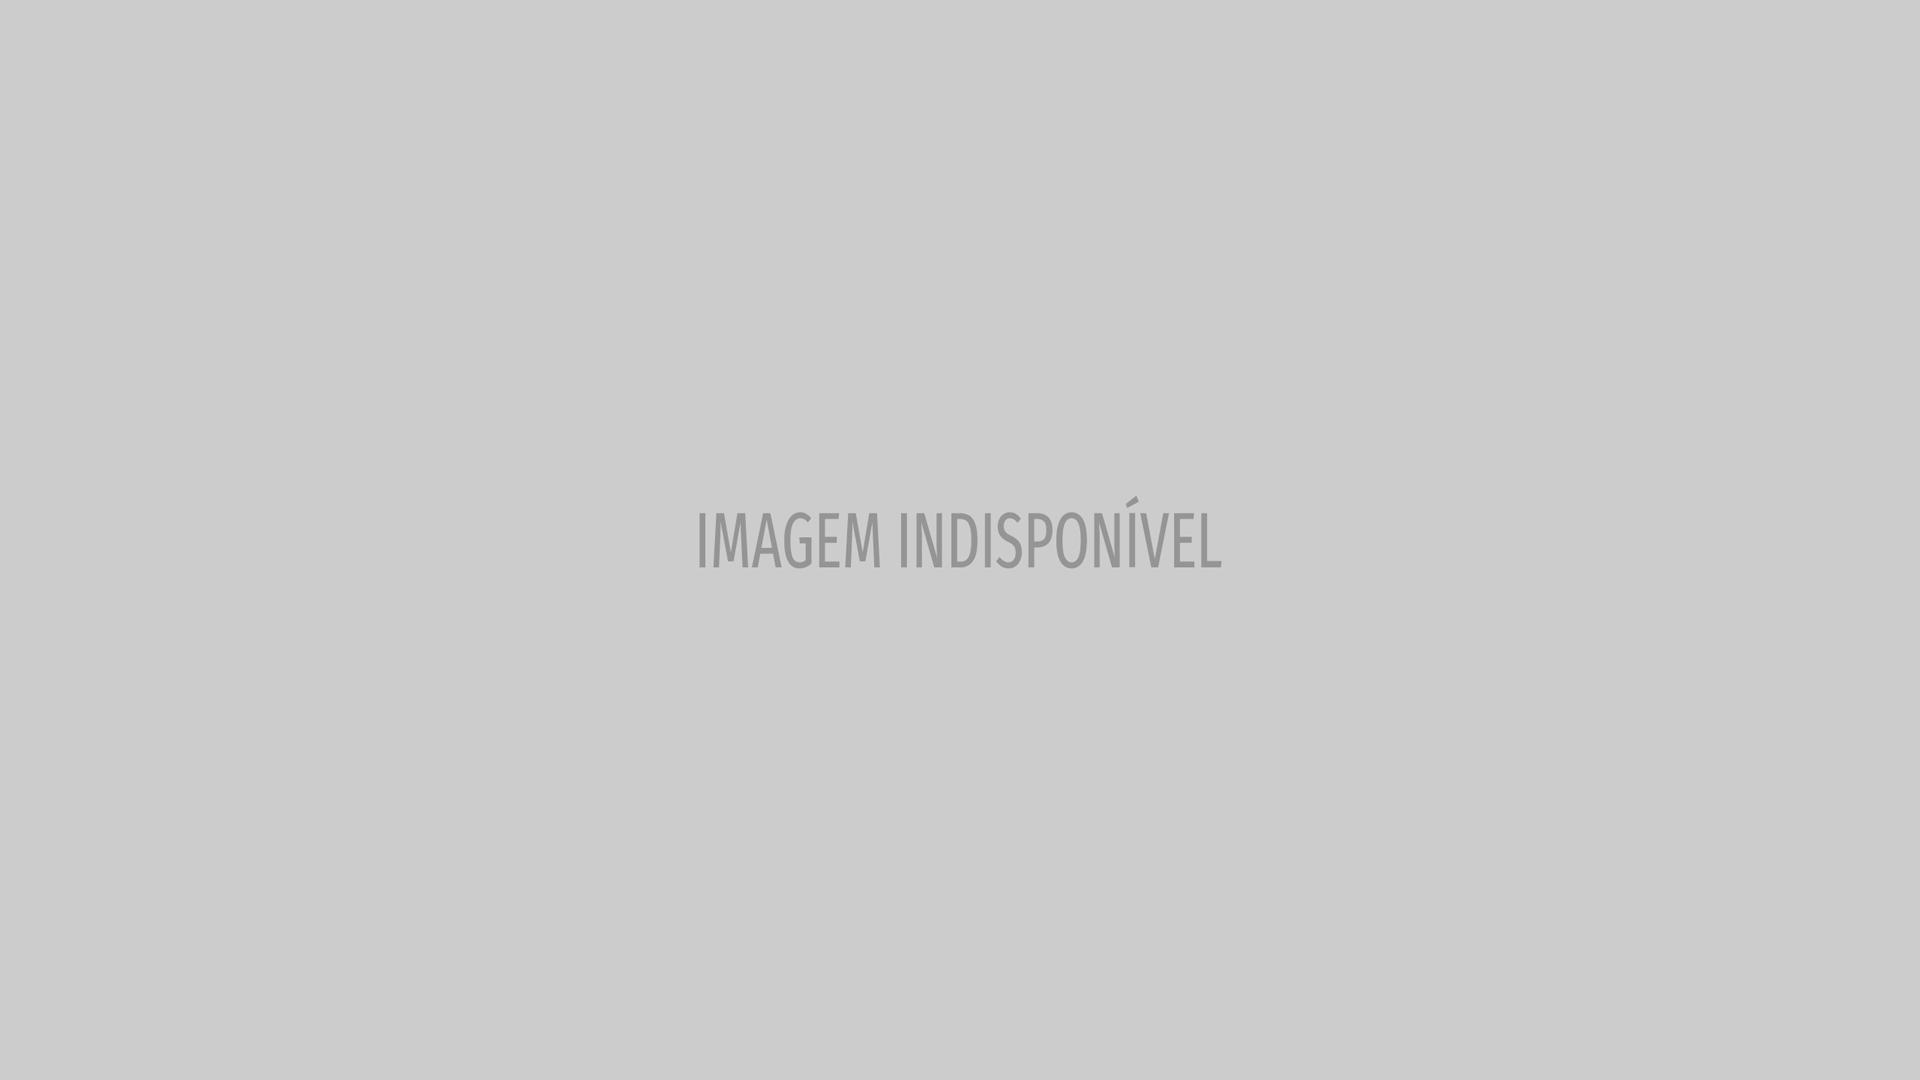 Eis o vestido escolhido por Cristina Ferreira para a red carpet em Cannes